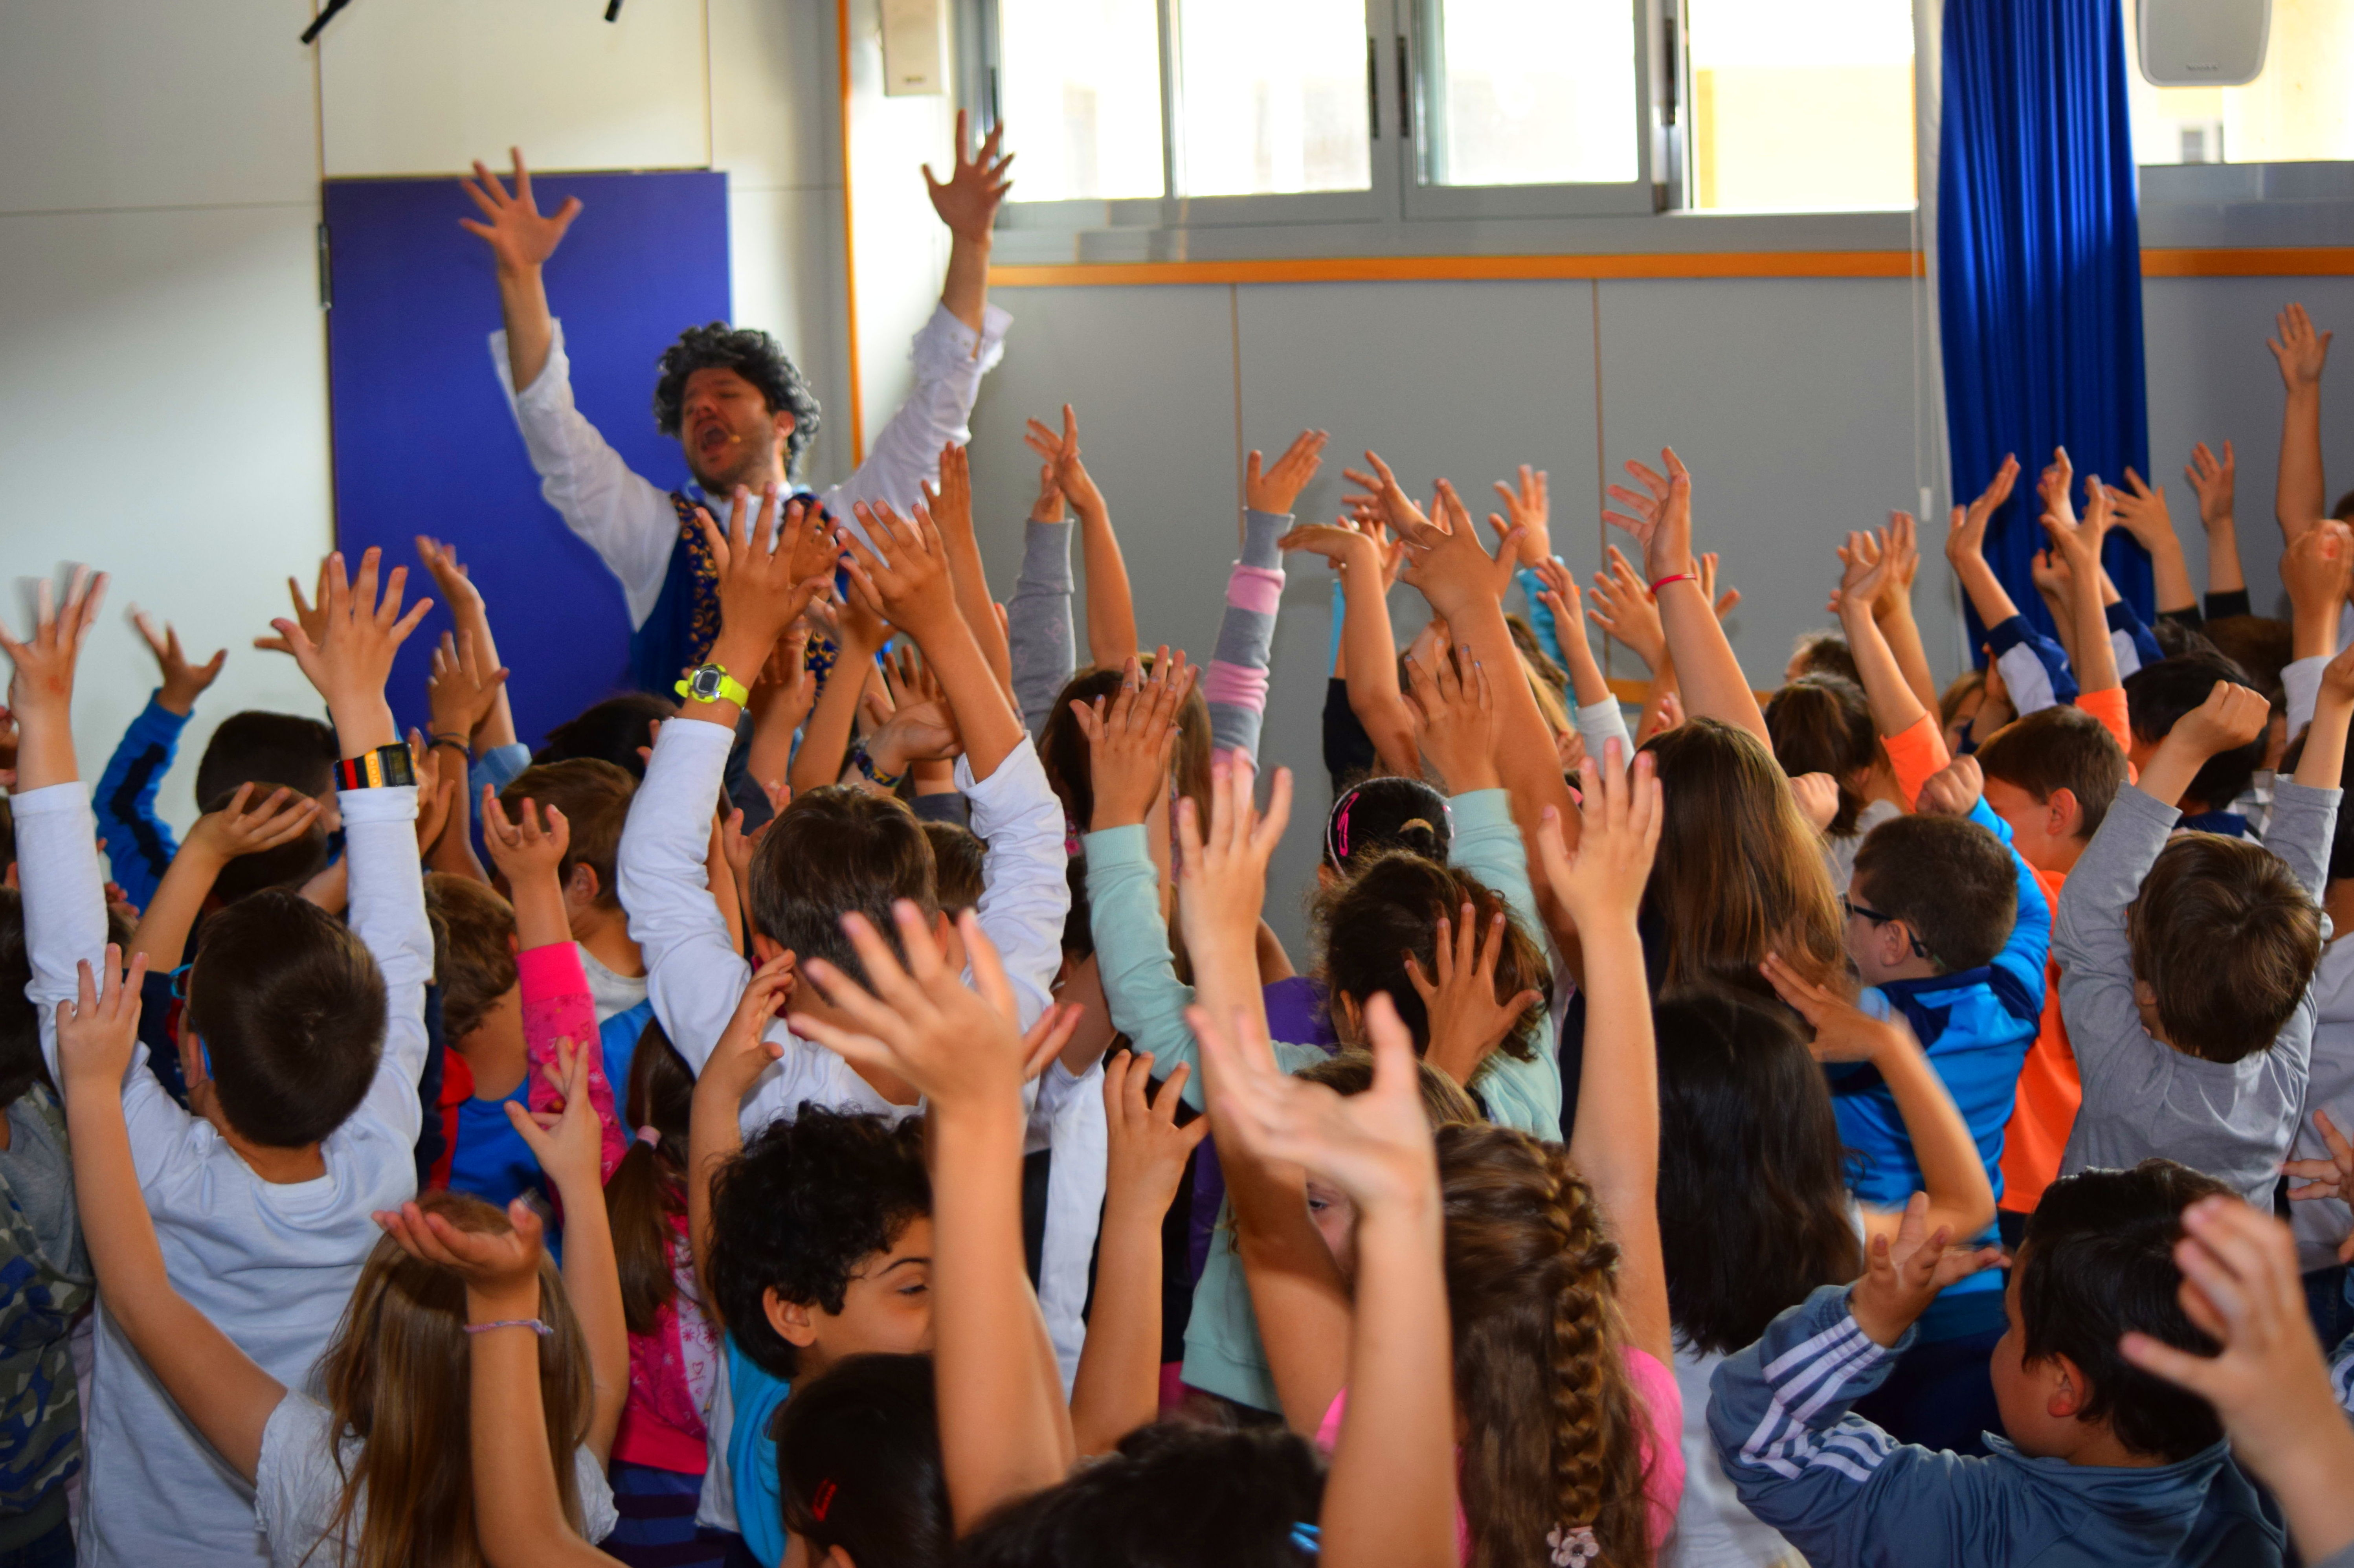 """Los alumnos bailando al ritmo del aria """"La donna è mobile"""" de la ópera Rigoletto de Verdi"""